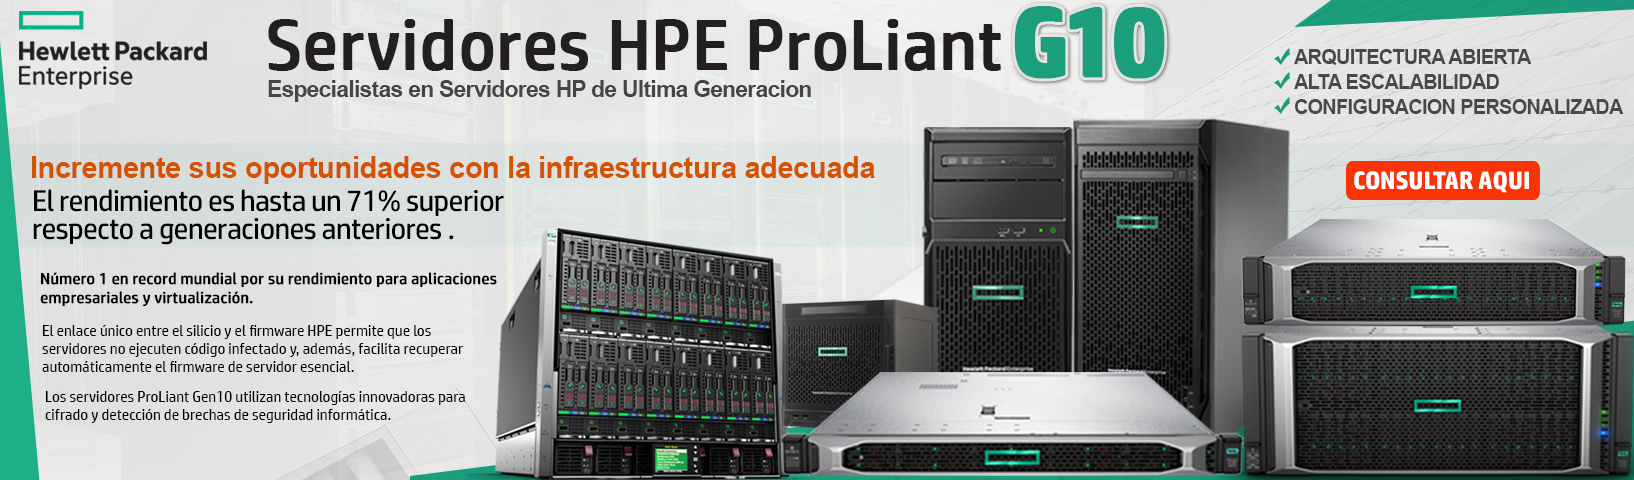 servidores-hp-g10.jpg